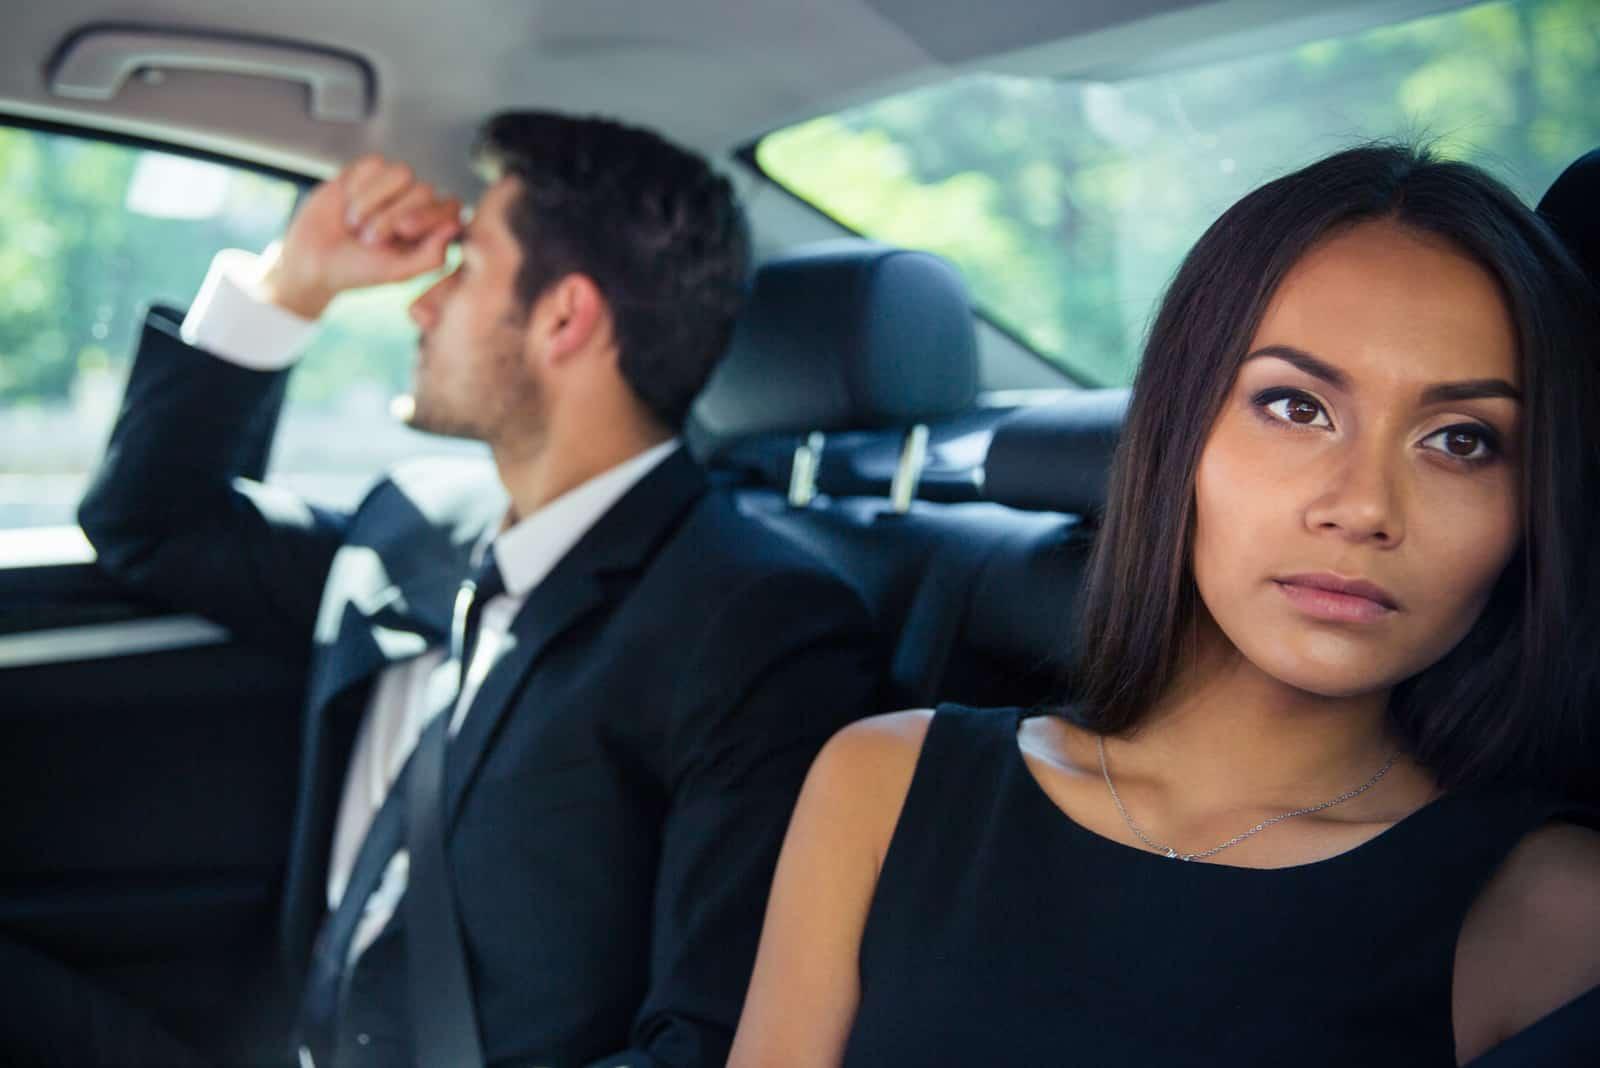 Paar sitzt im Auto und ignoriert sich gegenseitig